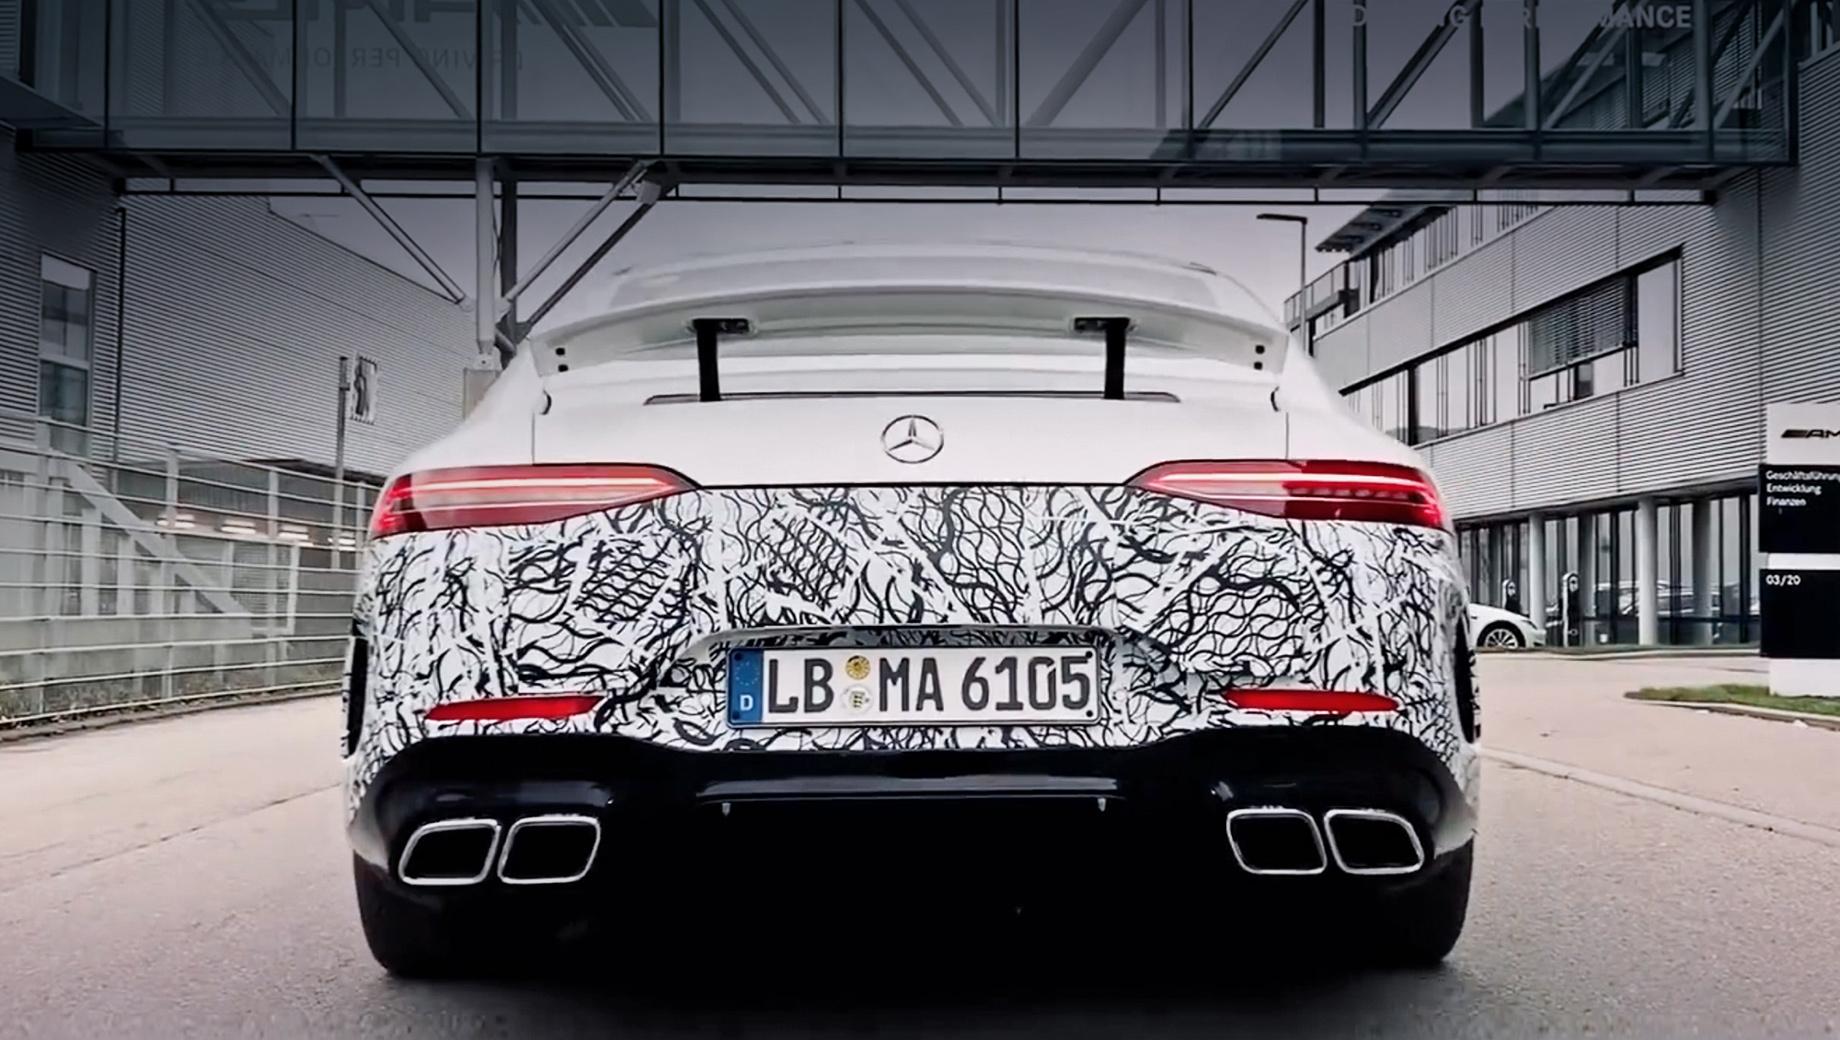 Mercedes amg gt,Mercedes amg gt 73. Mercedes-AMG GT 73 получит то же оборудование, что и версия AMG GT 63. Не нужно будет доплачивать за пневмоподвеску, адаптивные амортизаторы, полноуправляемое шасси, задний самоблокирующийся дифференциал с электронным управлением и углеродокерамические тормоза.